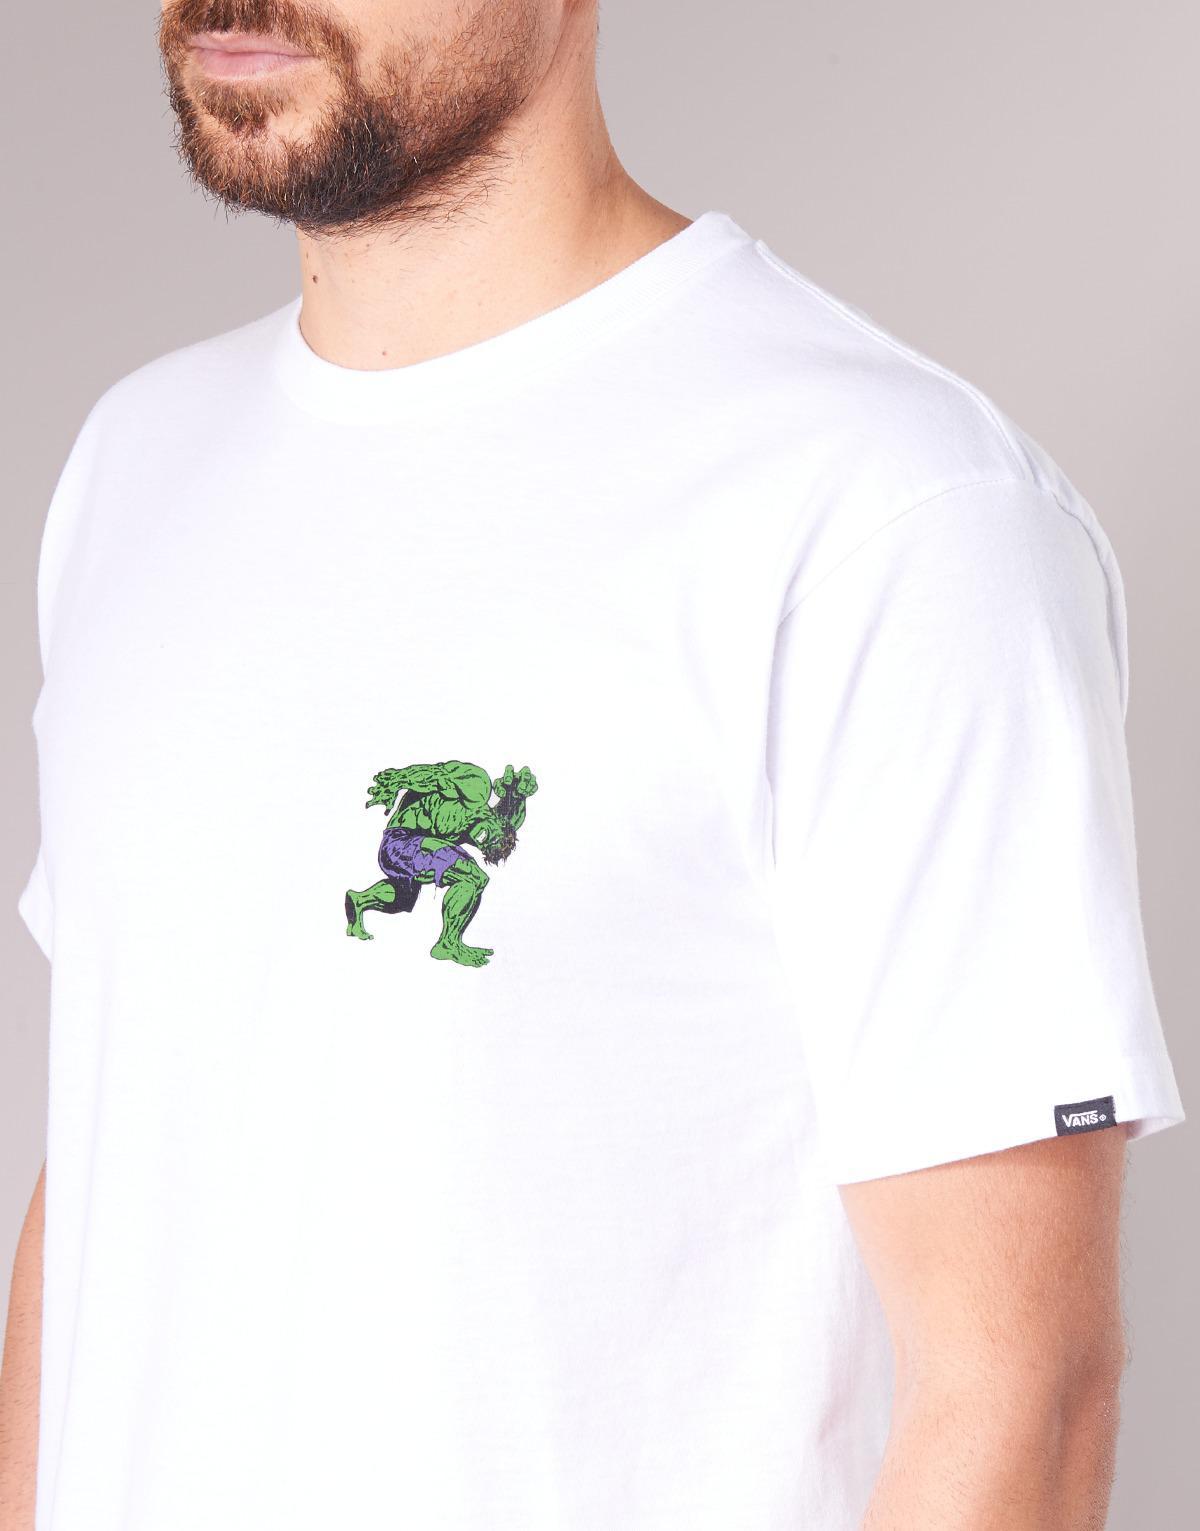 Vans X Marvel Hulk Ss T Shirt in White for Men - Lyst